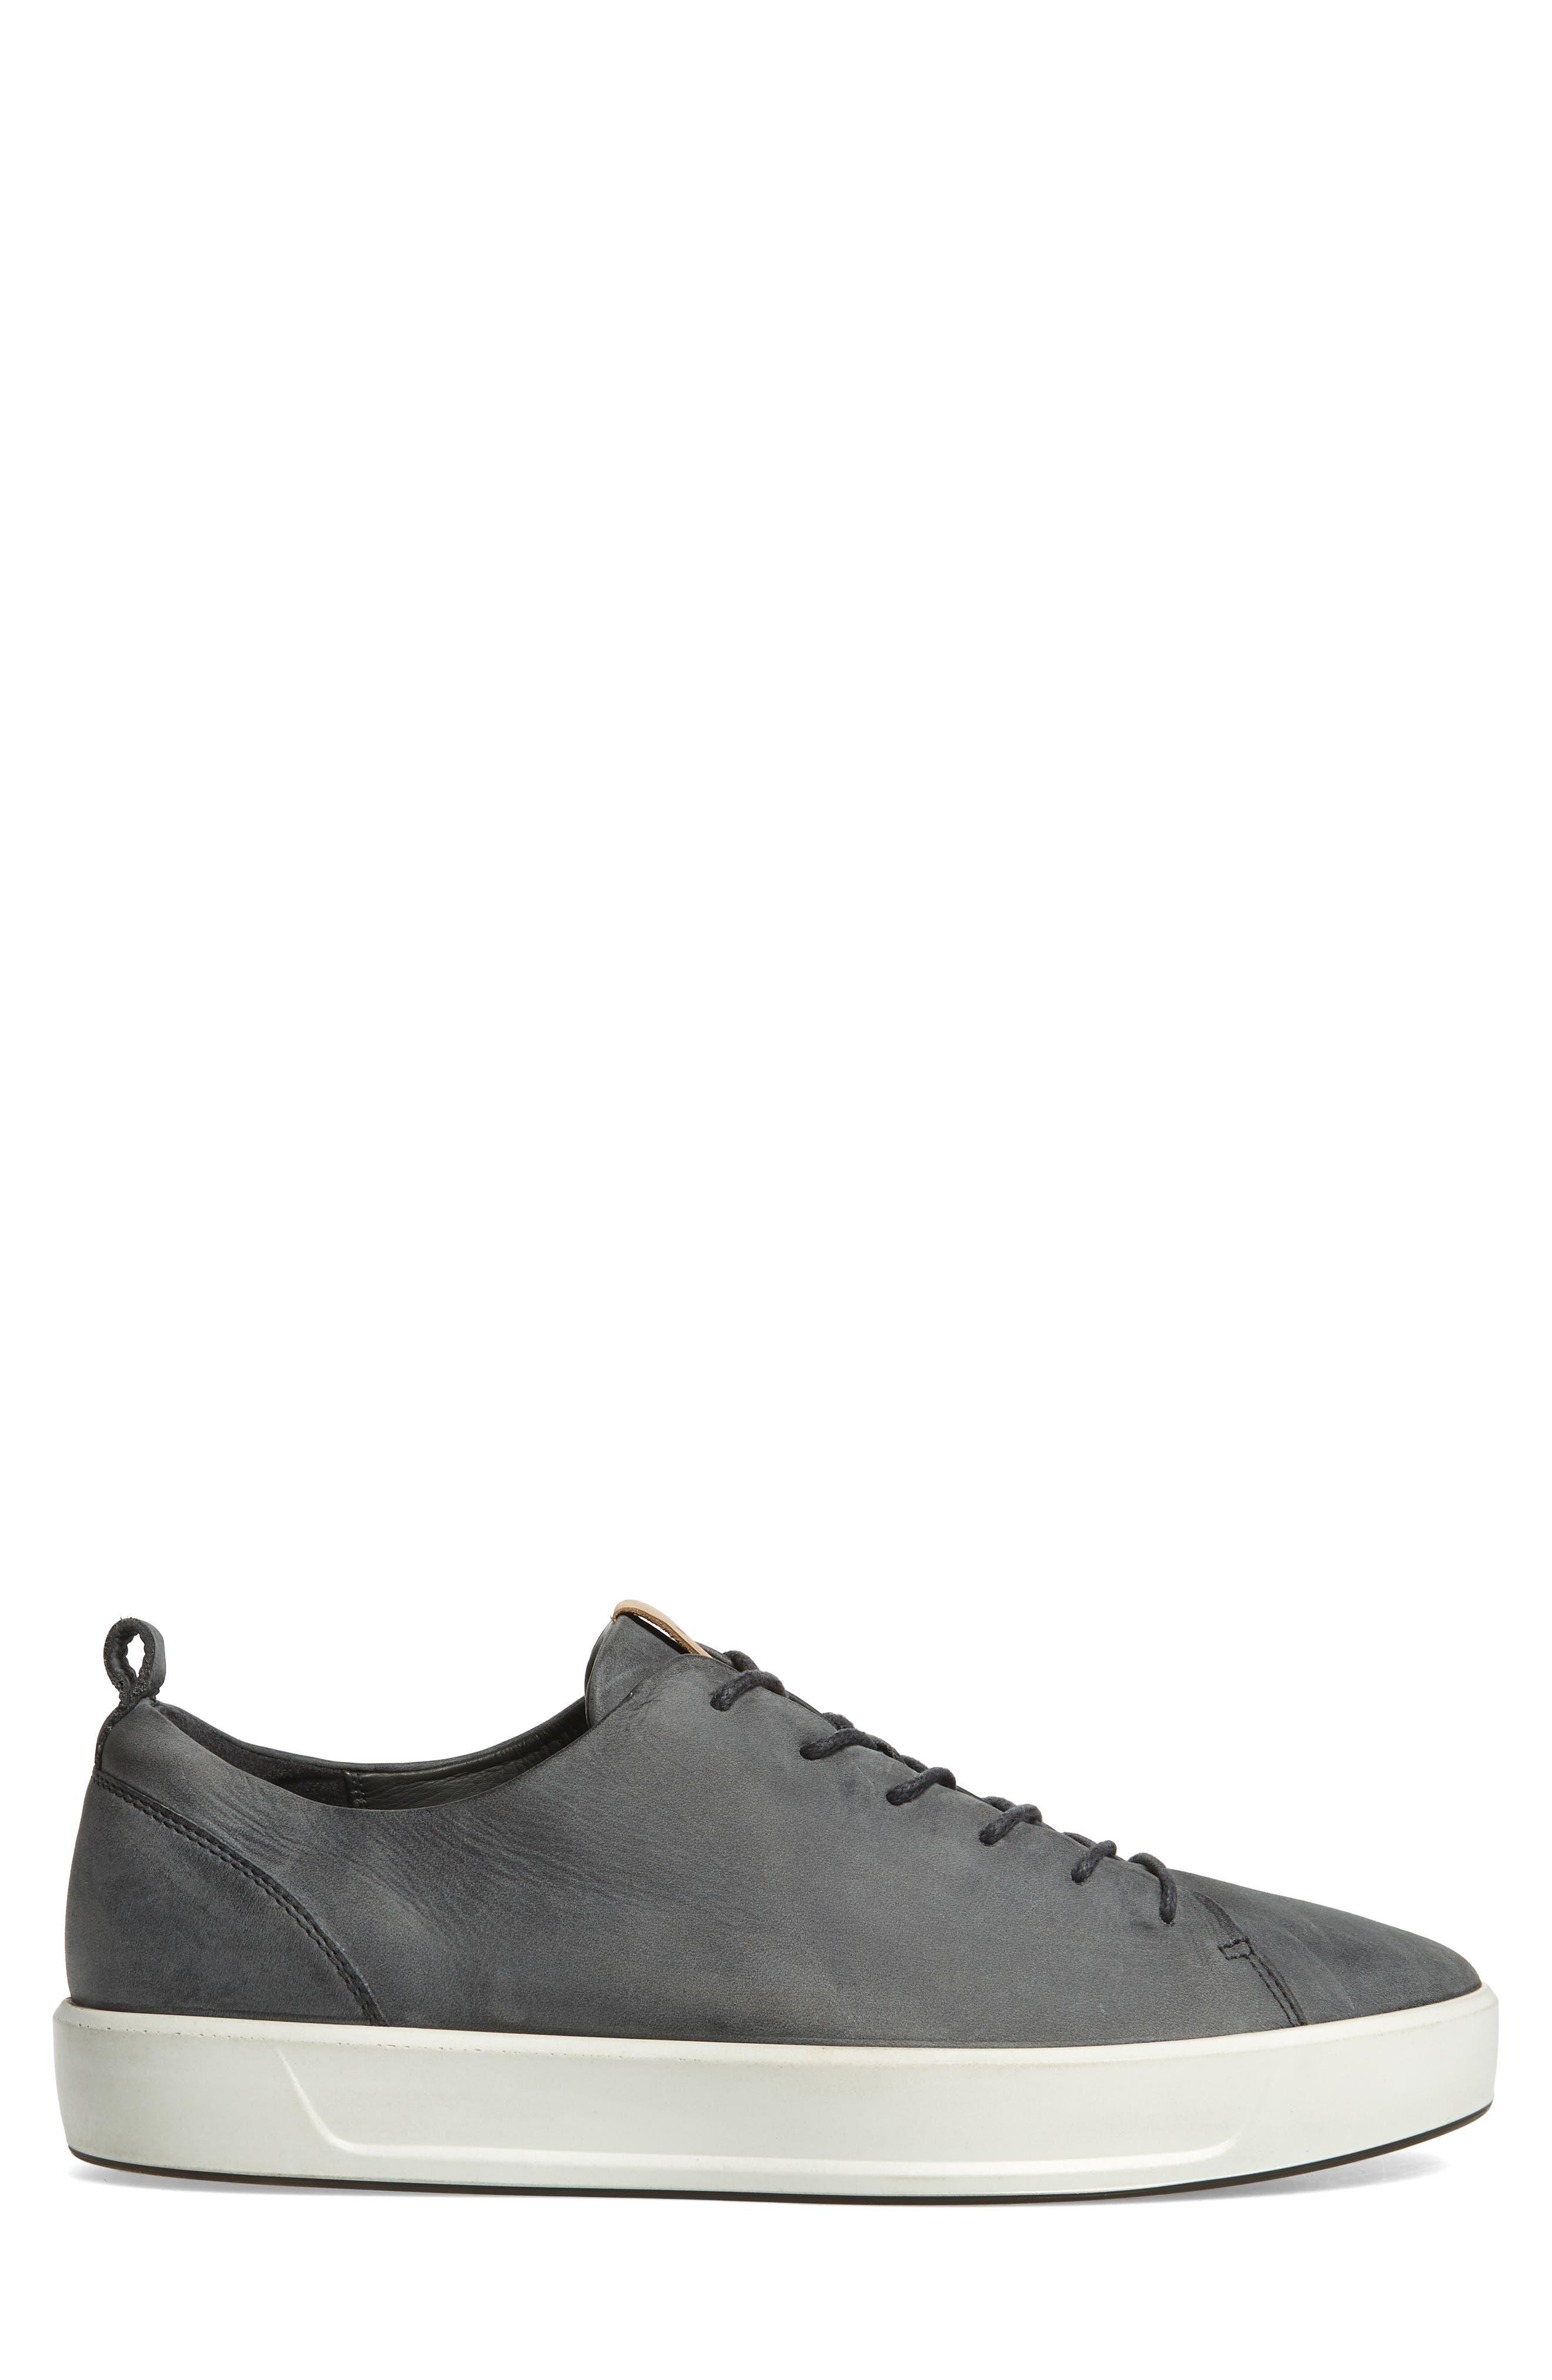 Soft 8 Sneaker,                             Alternate thumbnail 3, color,                             025